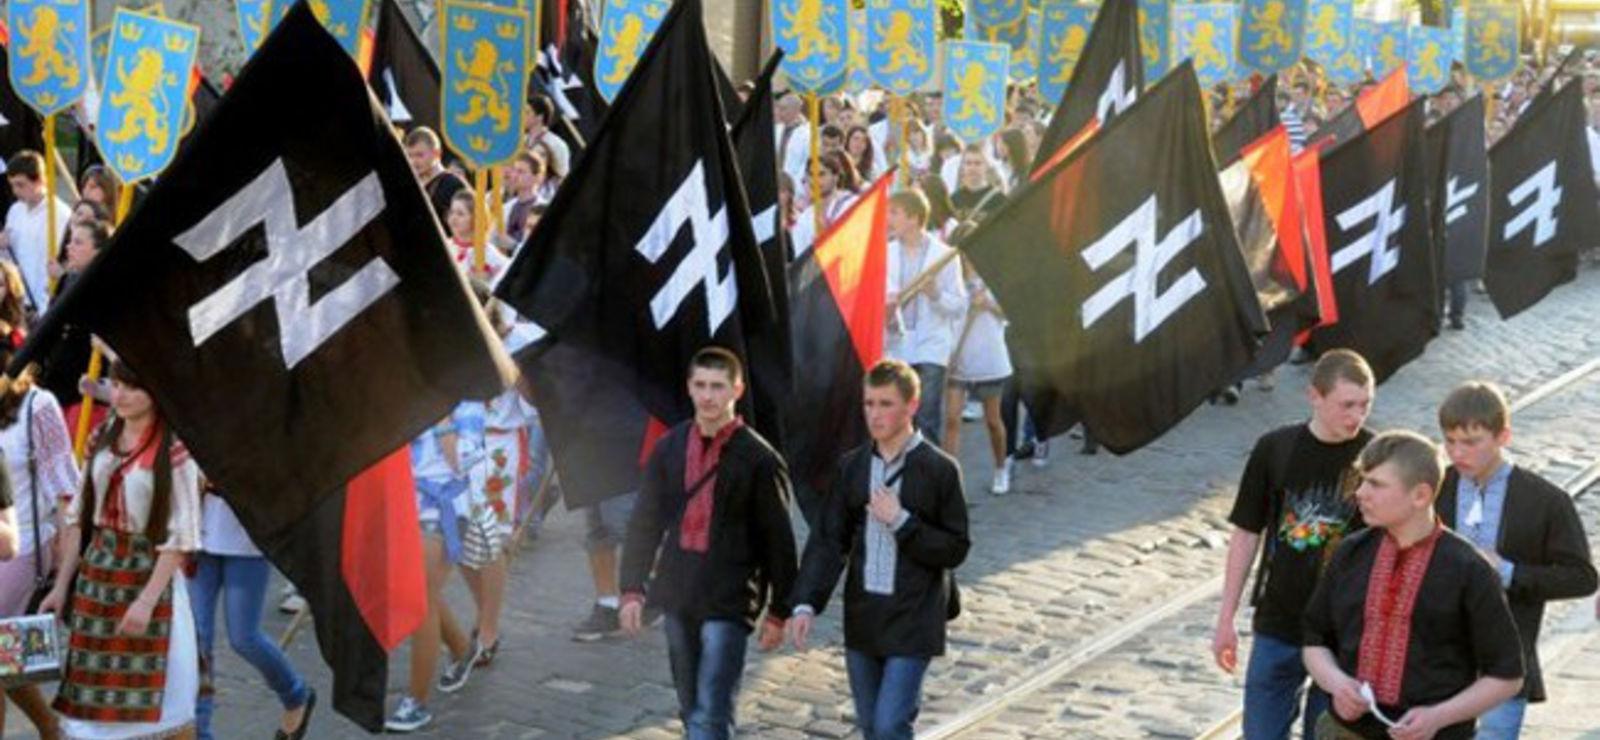 ONU, lutte contre la glorification du nazisme : USA, Canada et Ukraine votent contre, l'UE s'abstient